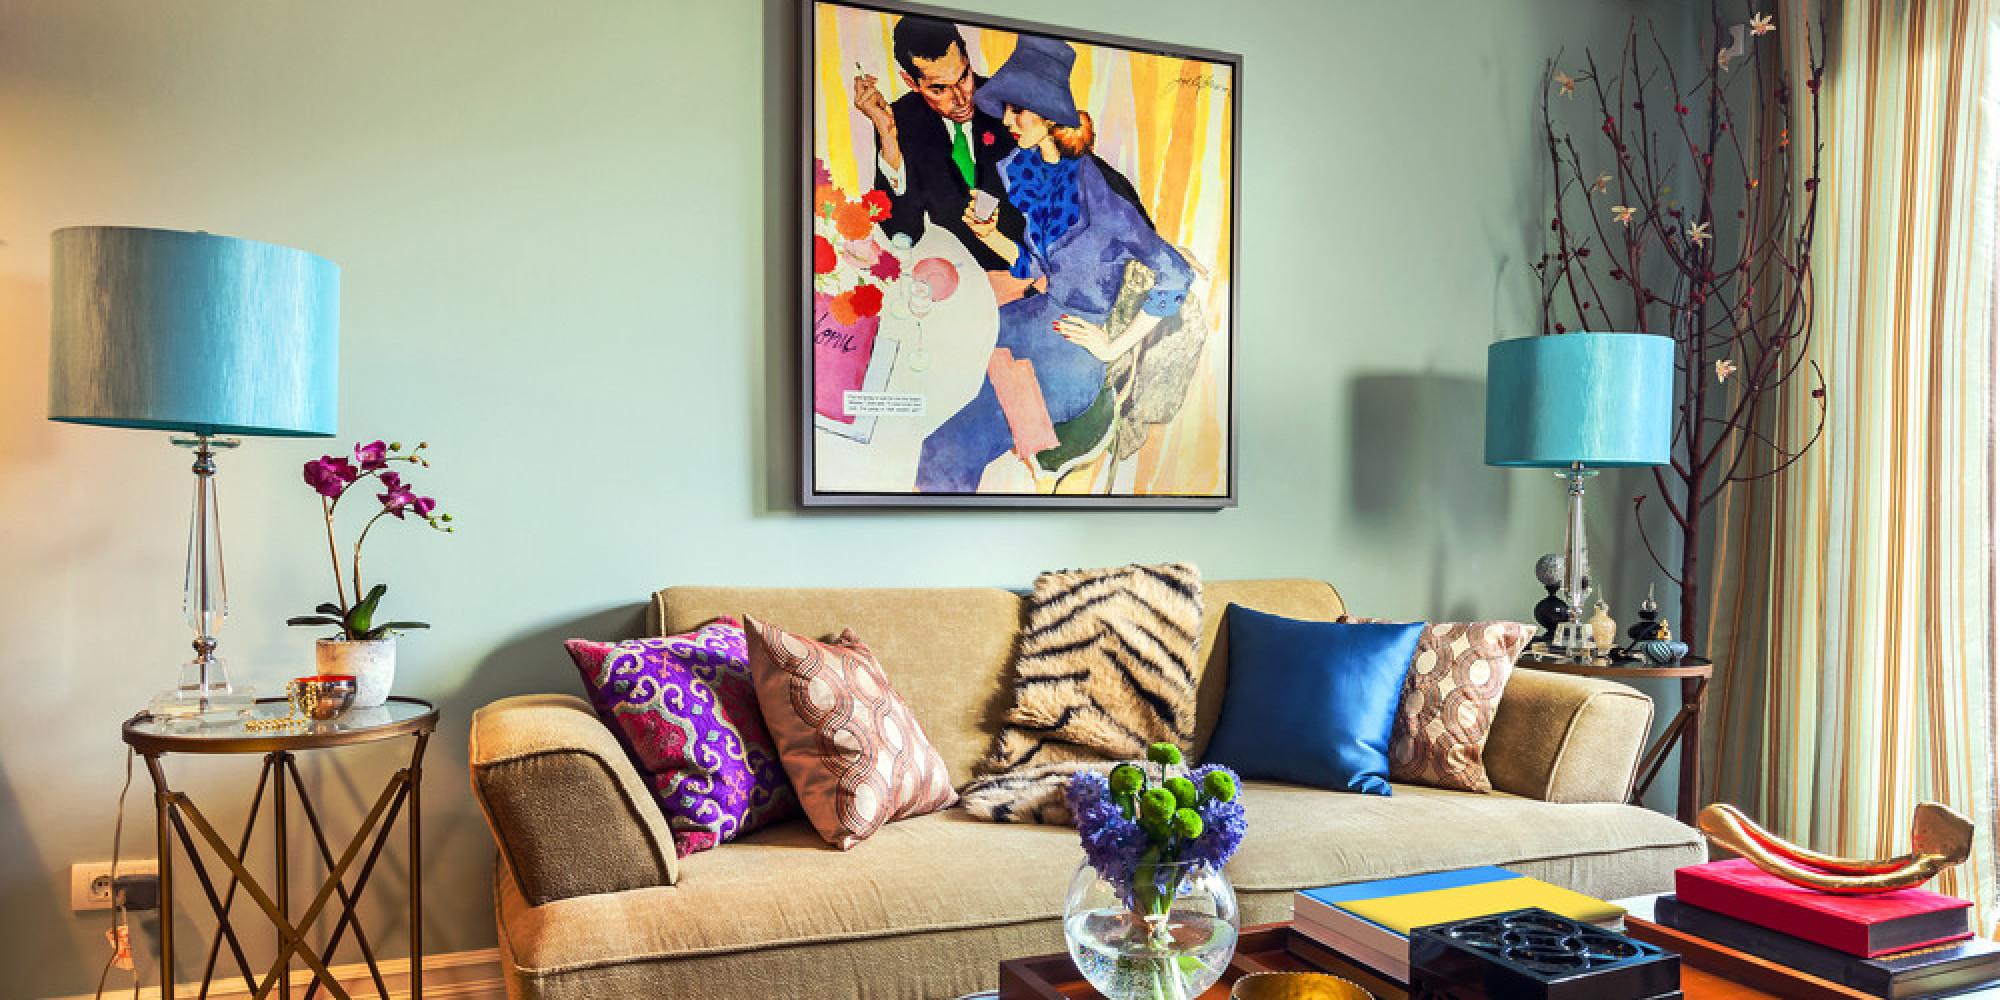 delia fischer ber westwing ihre liebe zur dekoration und ihre neue wohnung giulia wilzewski. Black Bedroom Furniture Sets. Home Design Ideas